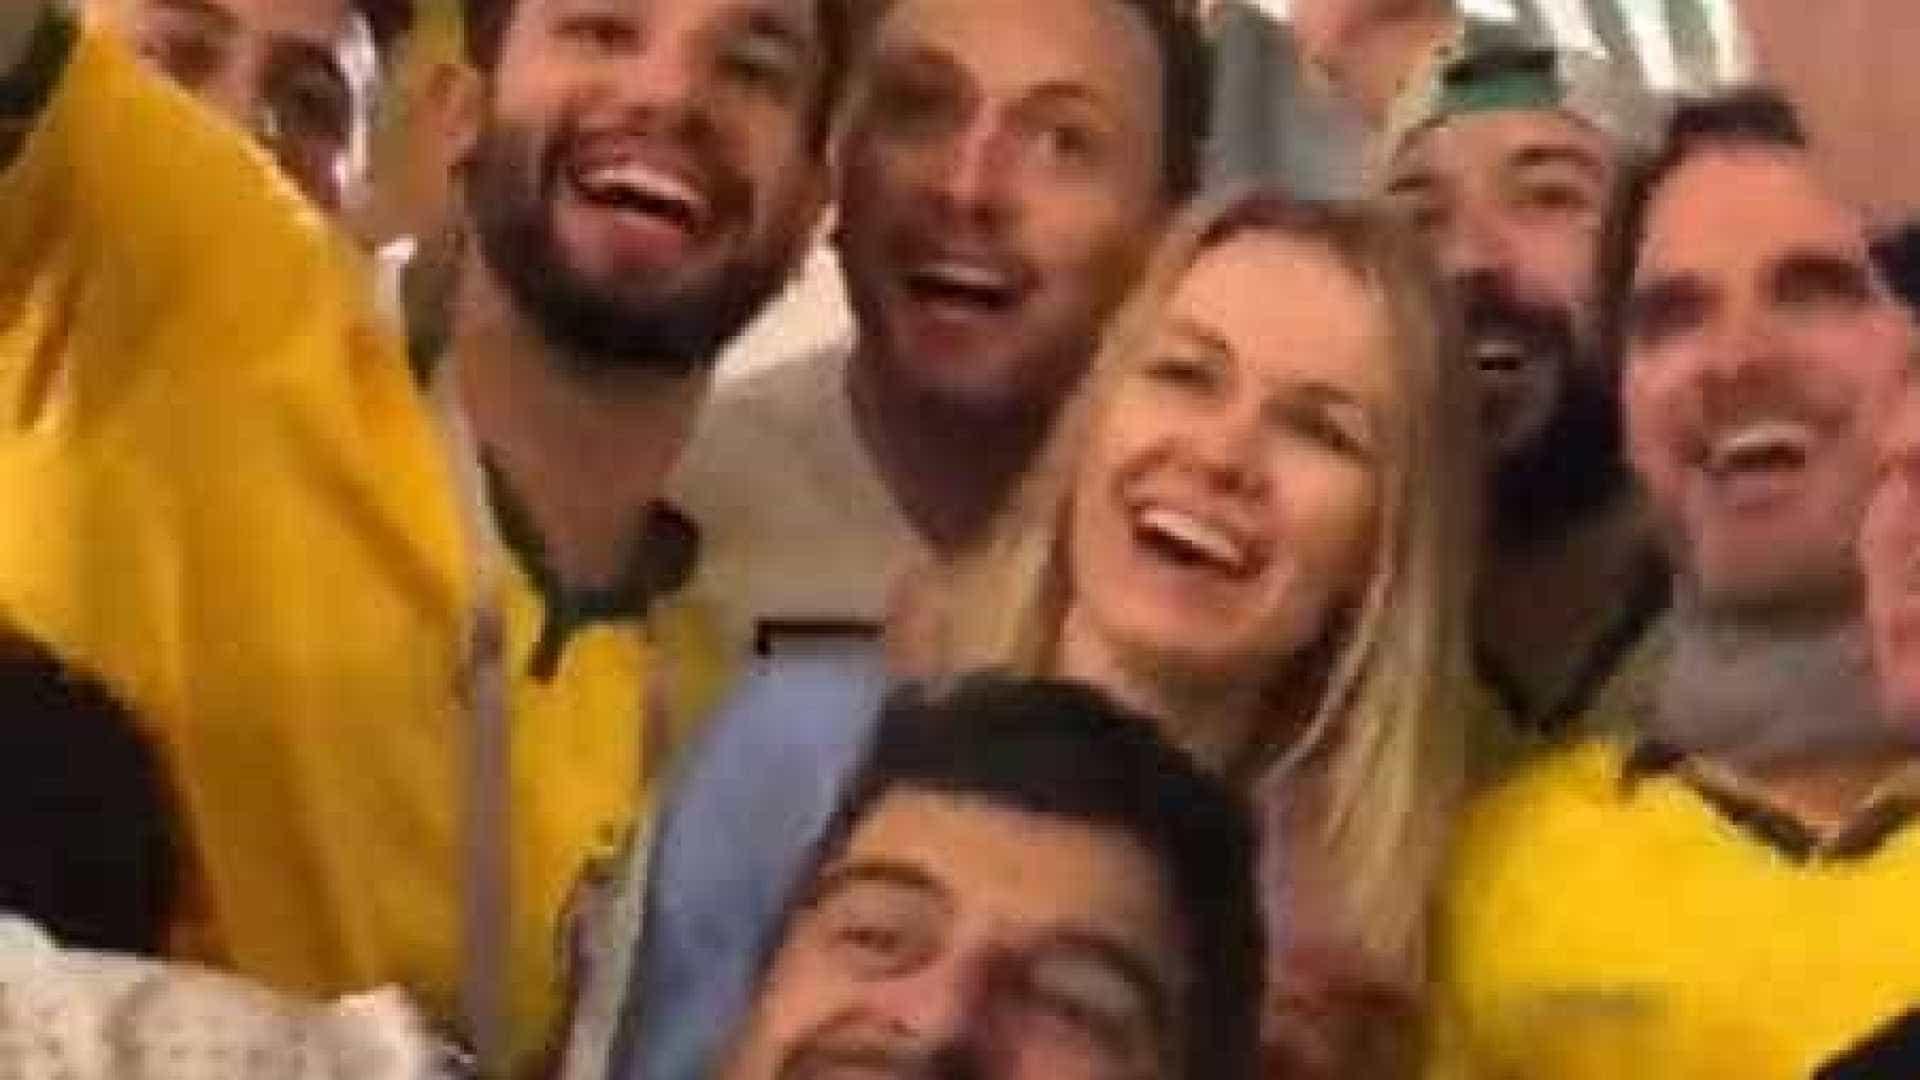 Identidade de brasileiro que assediou russa em vídeo é confirmada